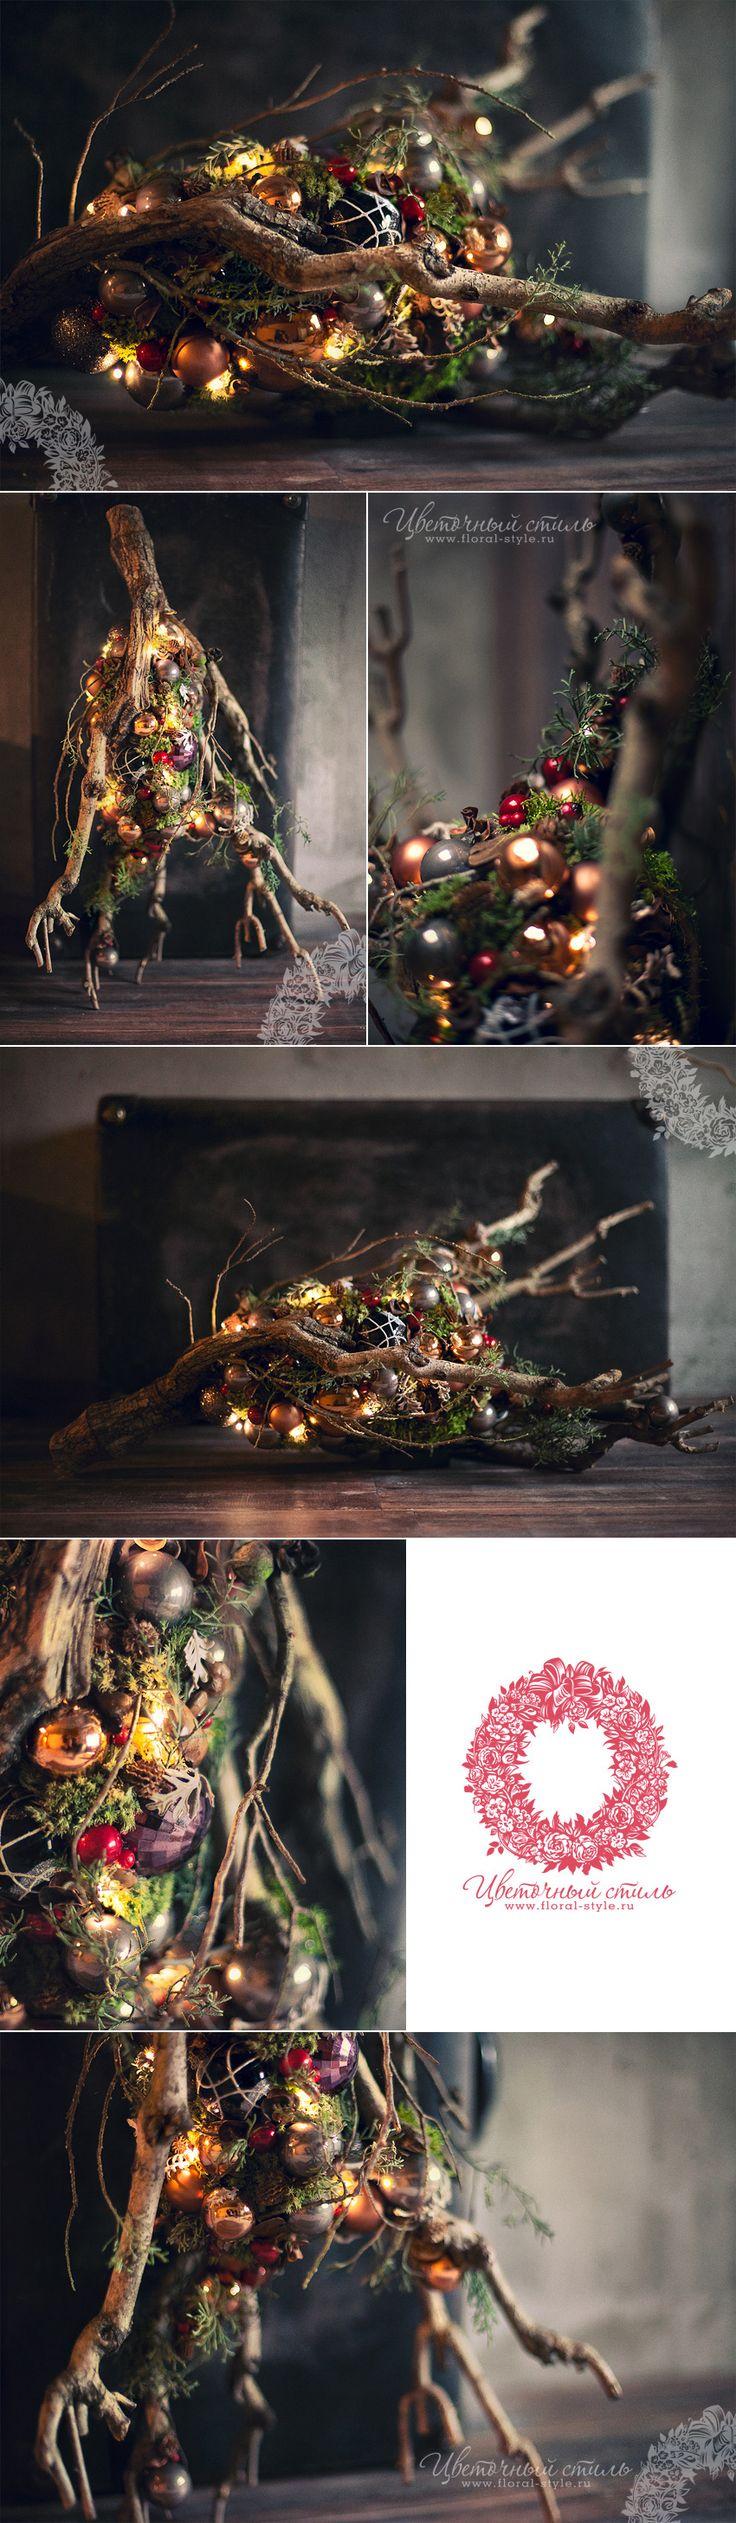 Новогодние композиции в галерее бутиков Mon Plaisir, DEKAPT, Ermenegildo Zegna